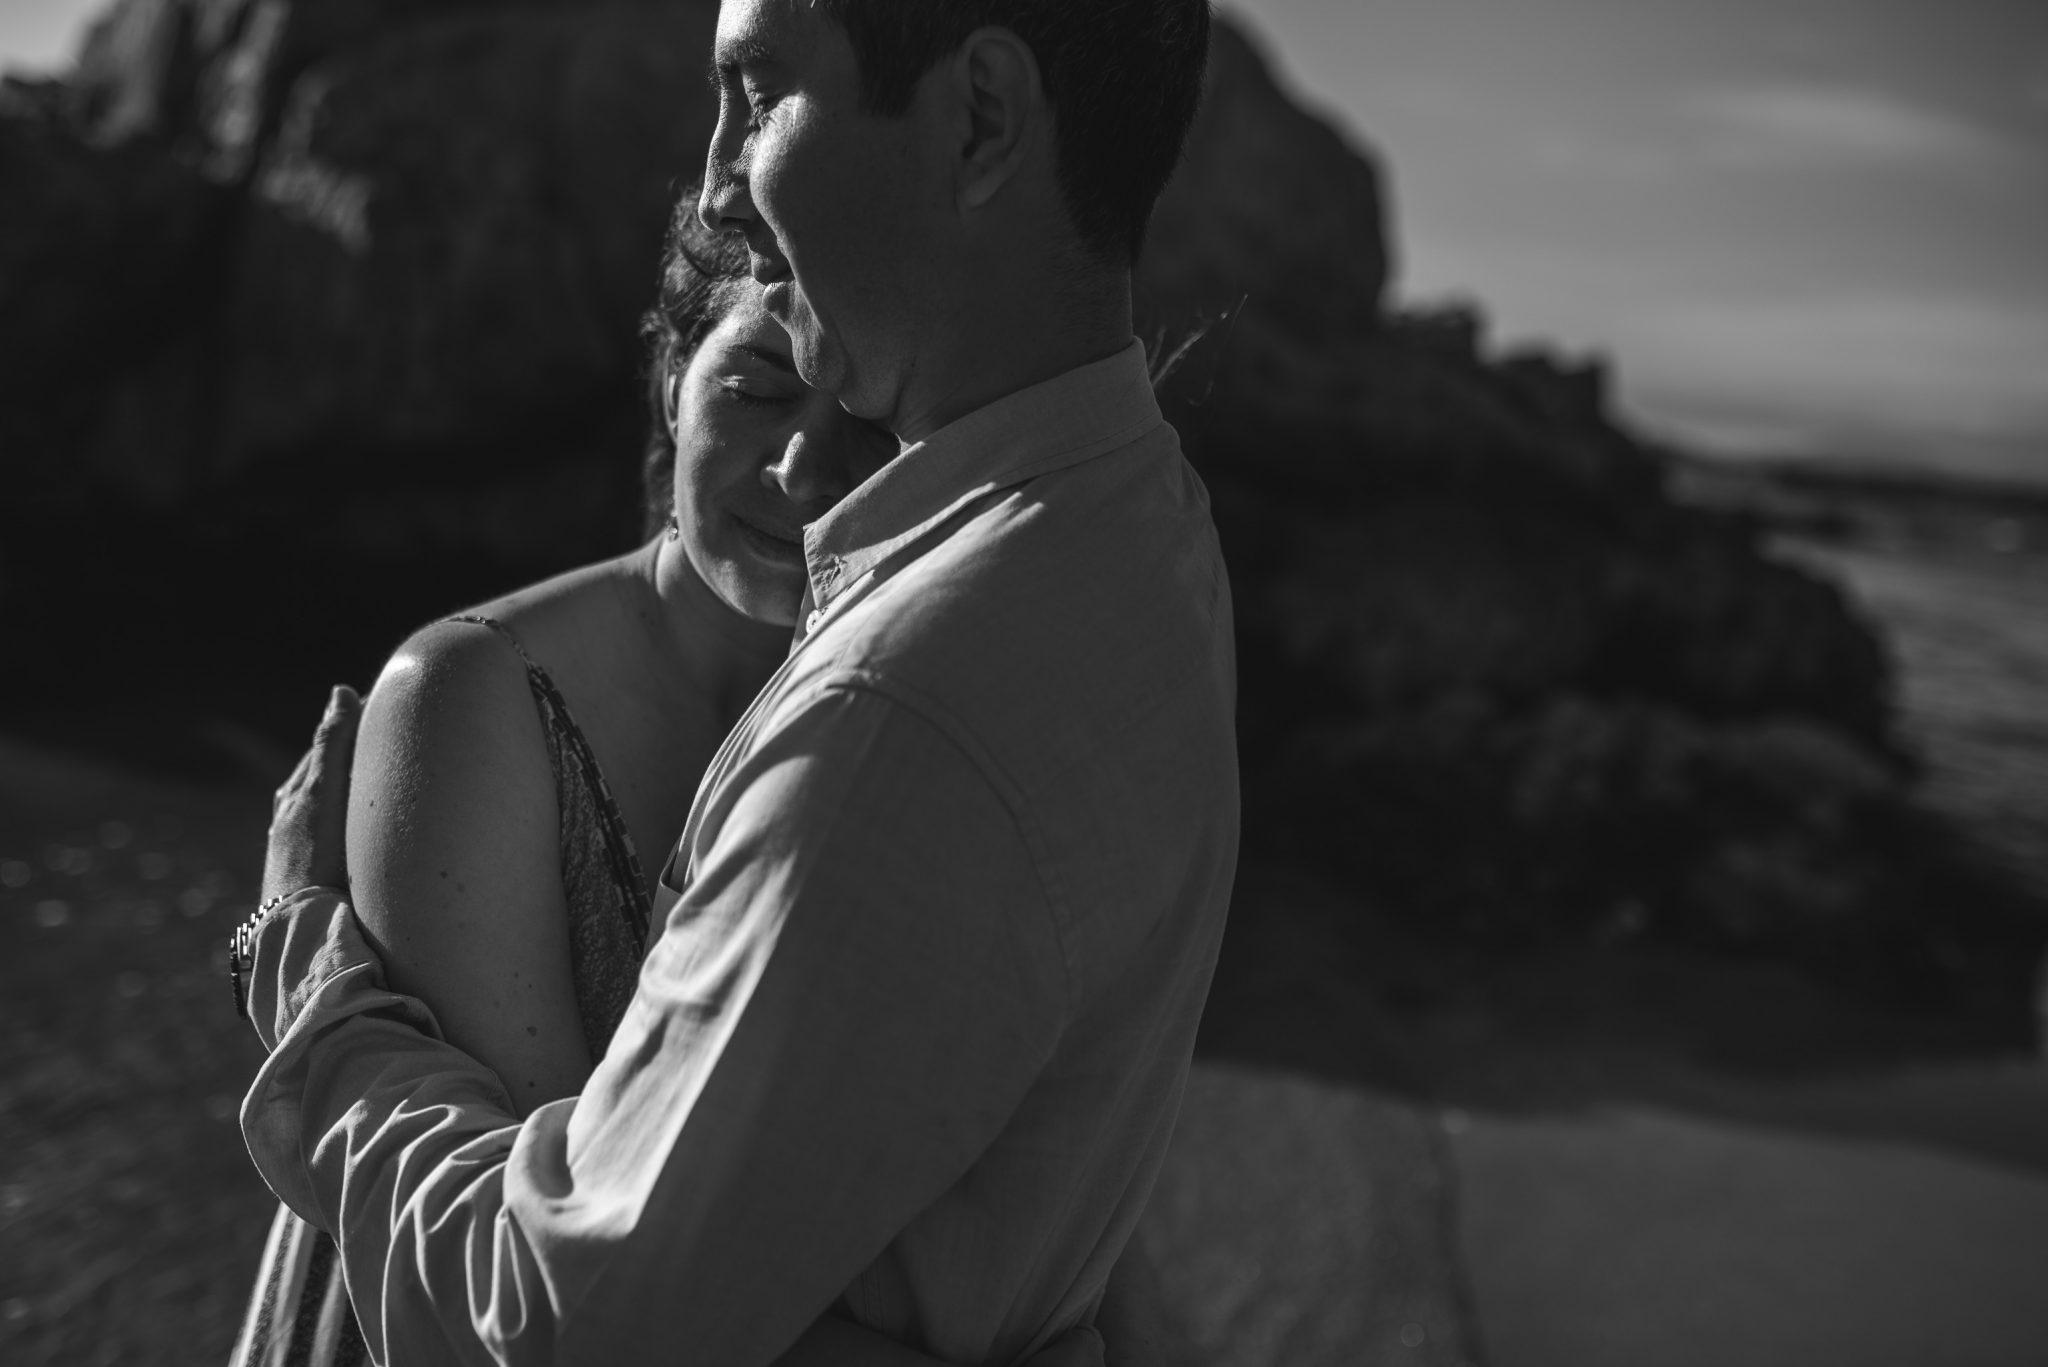 Sesión pre boda-papudo-matrimonio-diego mena fotografiaSesión pre boda-papudo-matrimonio-diego mena fotografia-fotografo de matrimonios